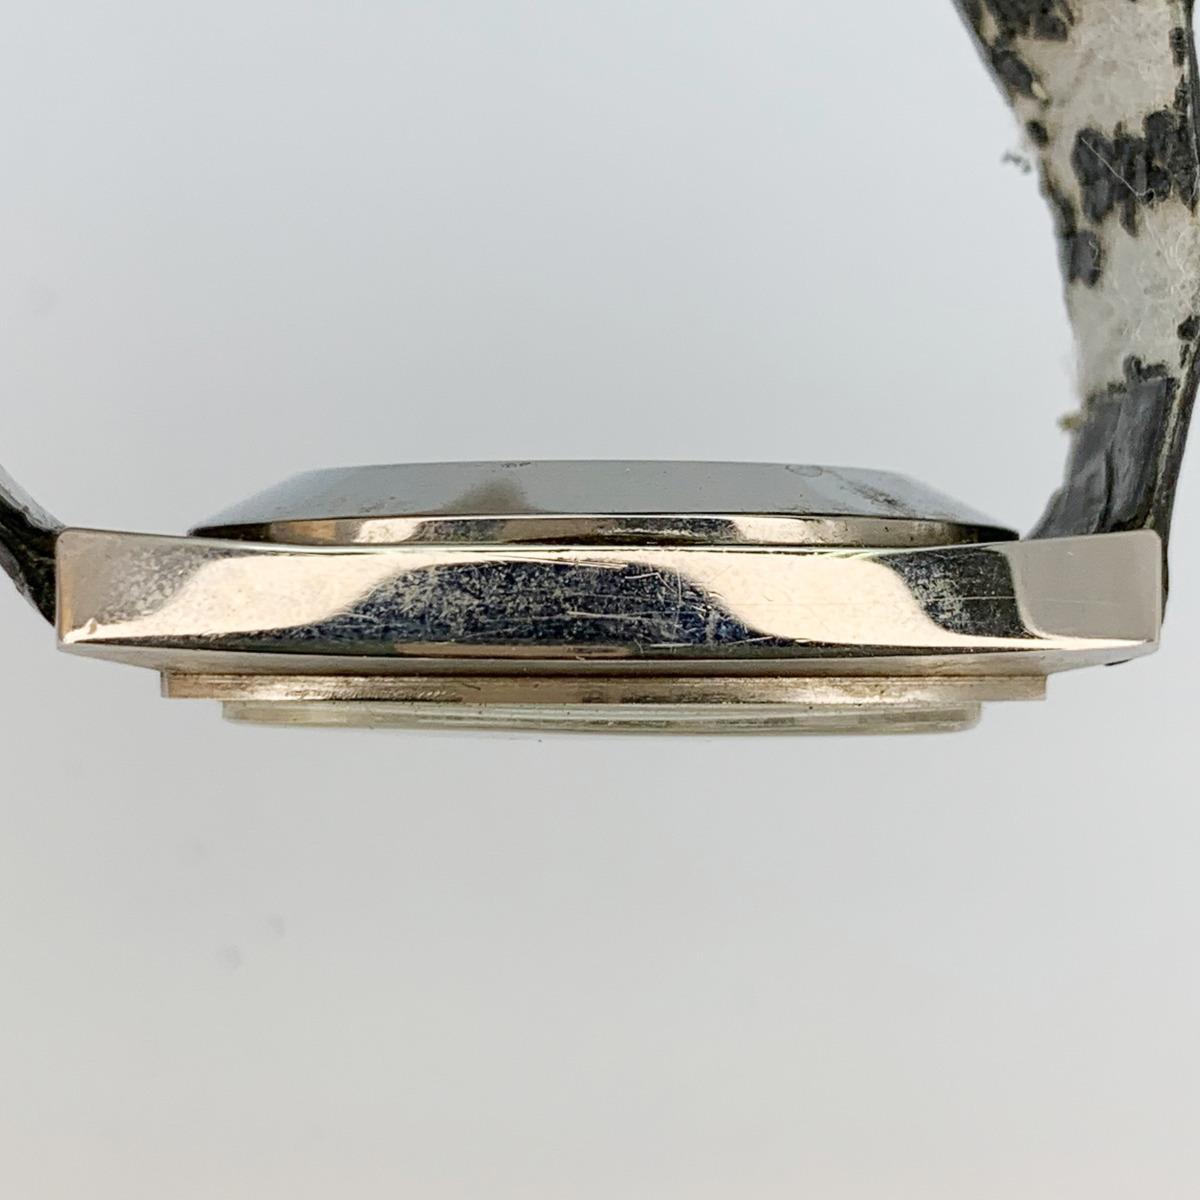 値下げ Universal Geneve ユニバーサルジュネーヴ 853106 Vintage Unisonic Men's Watch 音叉時計 メンズ U_画像7